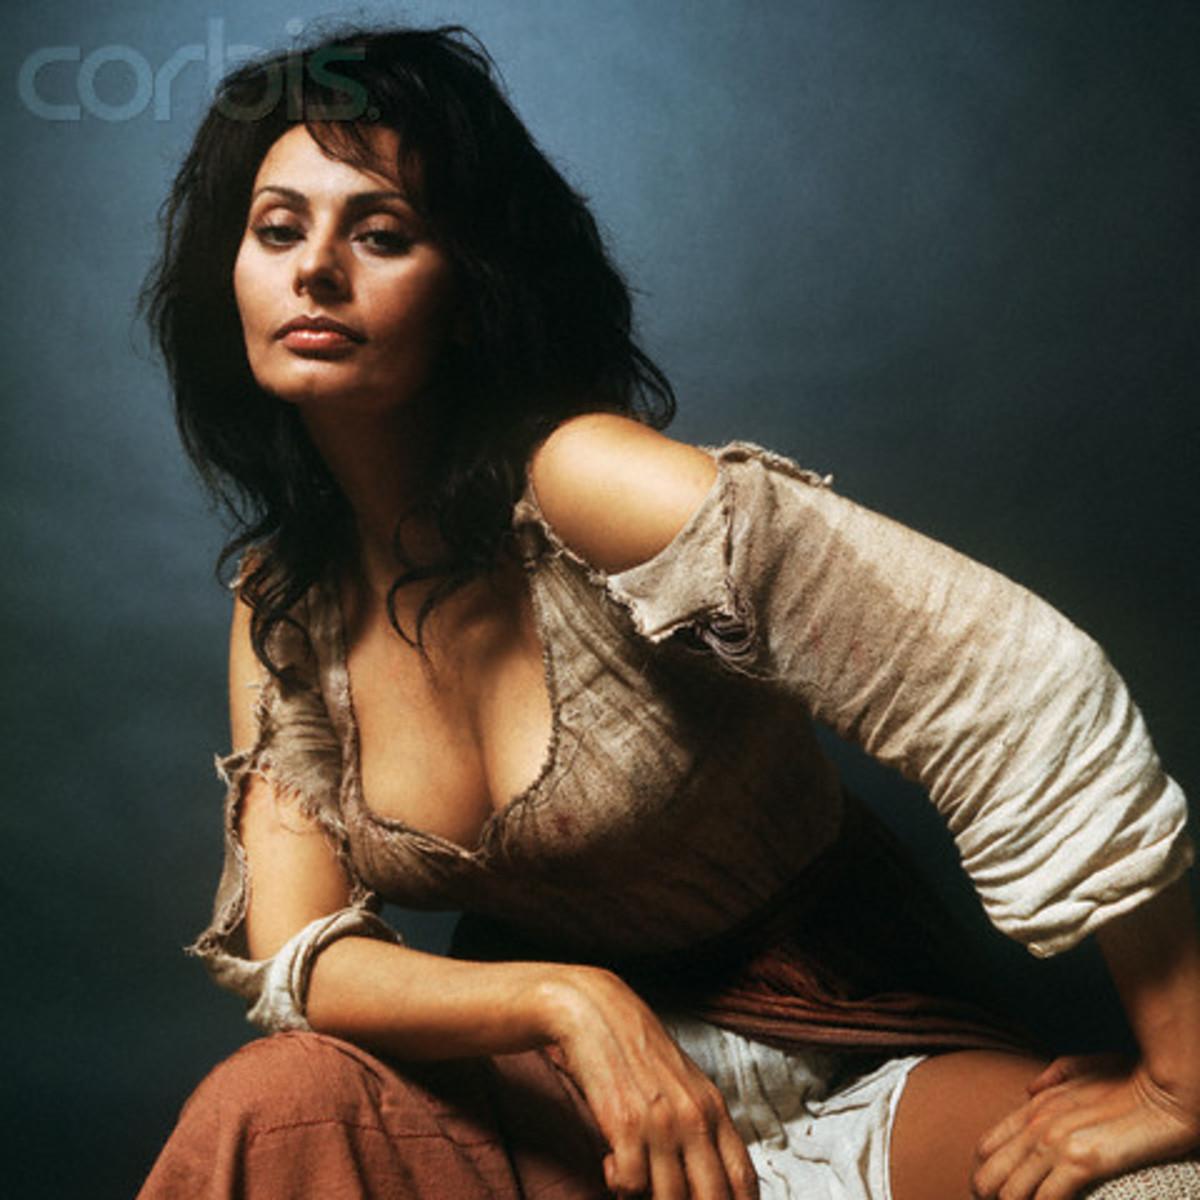 Sophia Loren poses for publicity shots